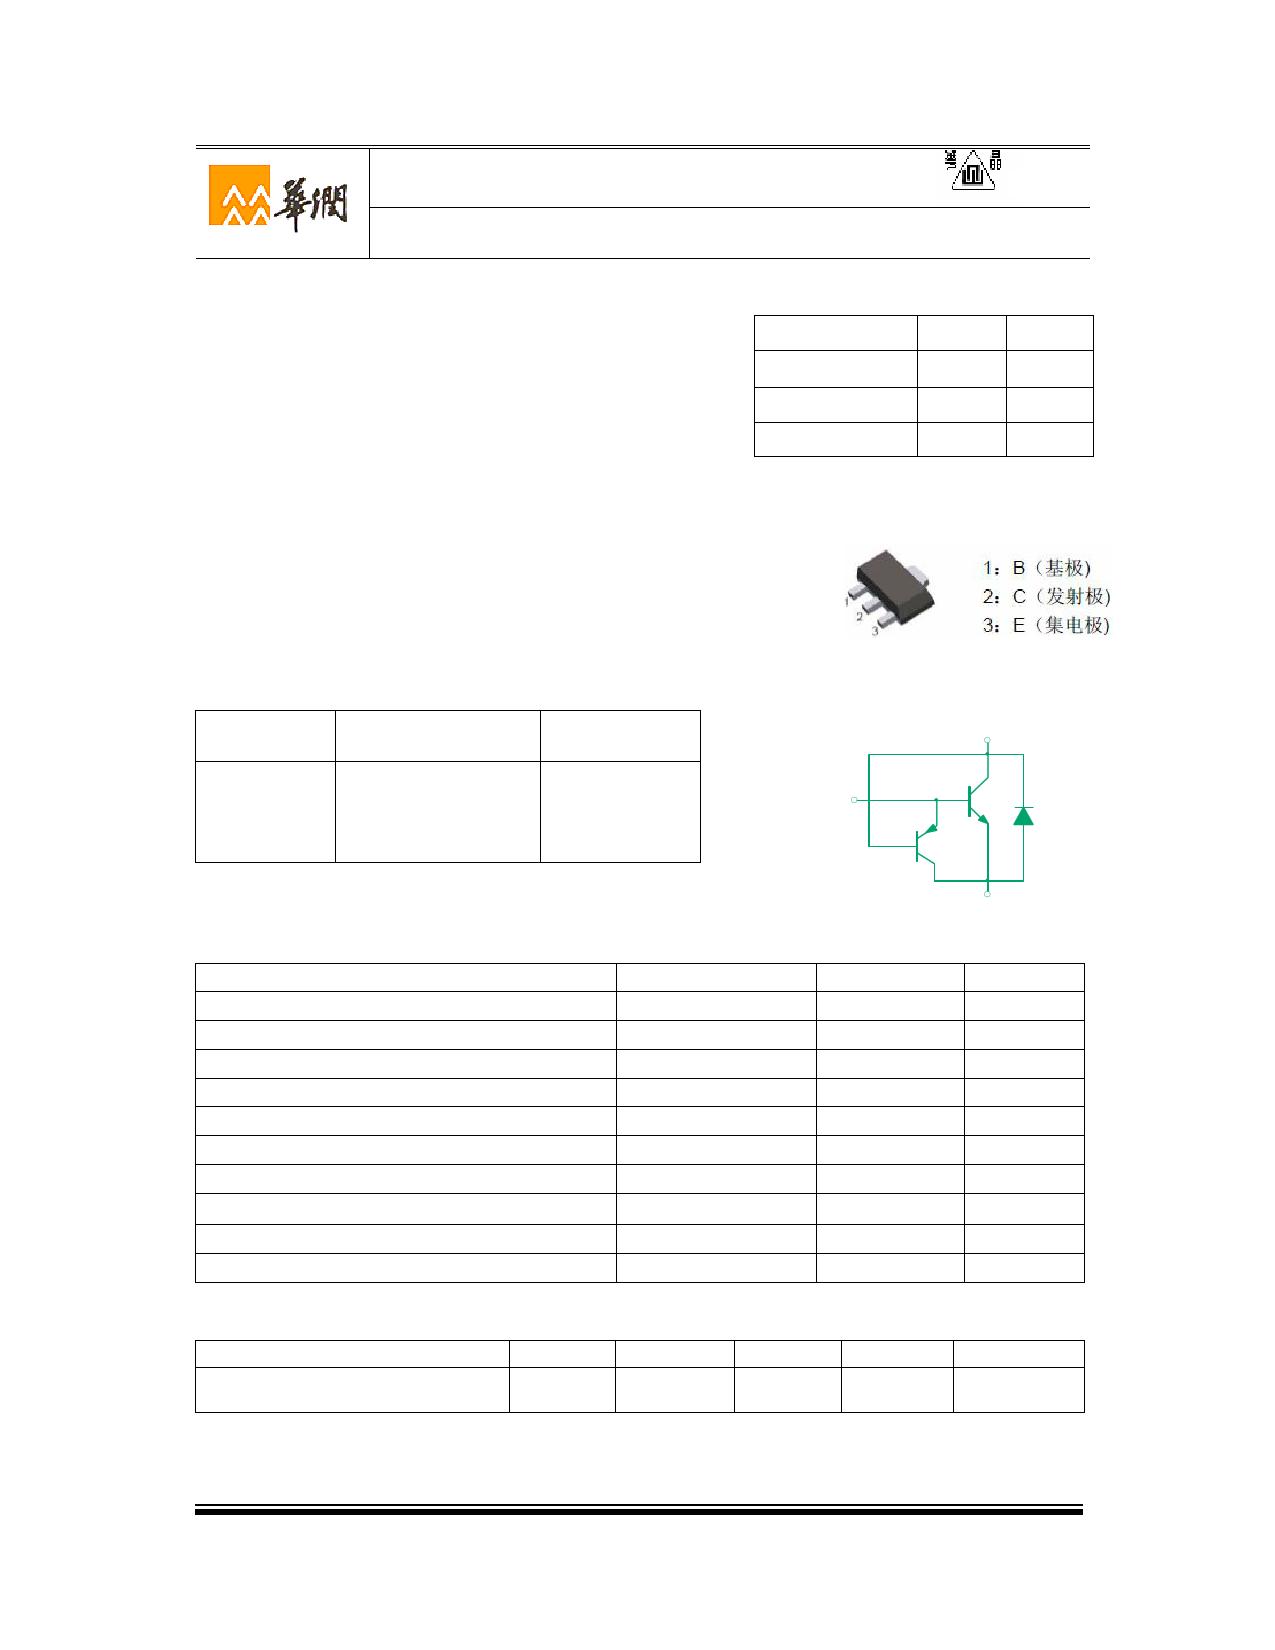 3DD13003SUD Datasheet, 3DD13003SUD PDF,ピン配置, 機能